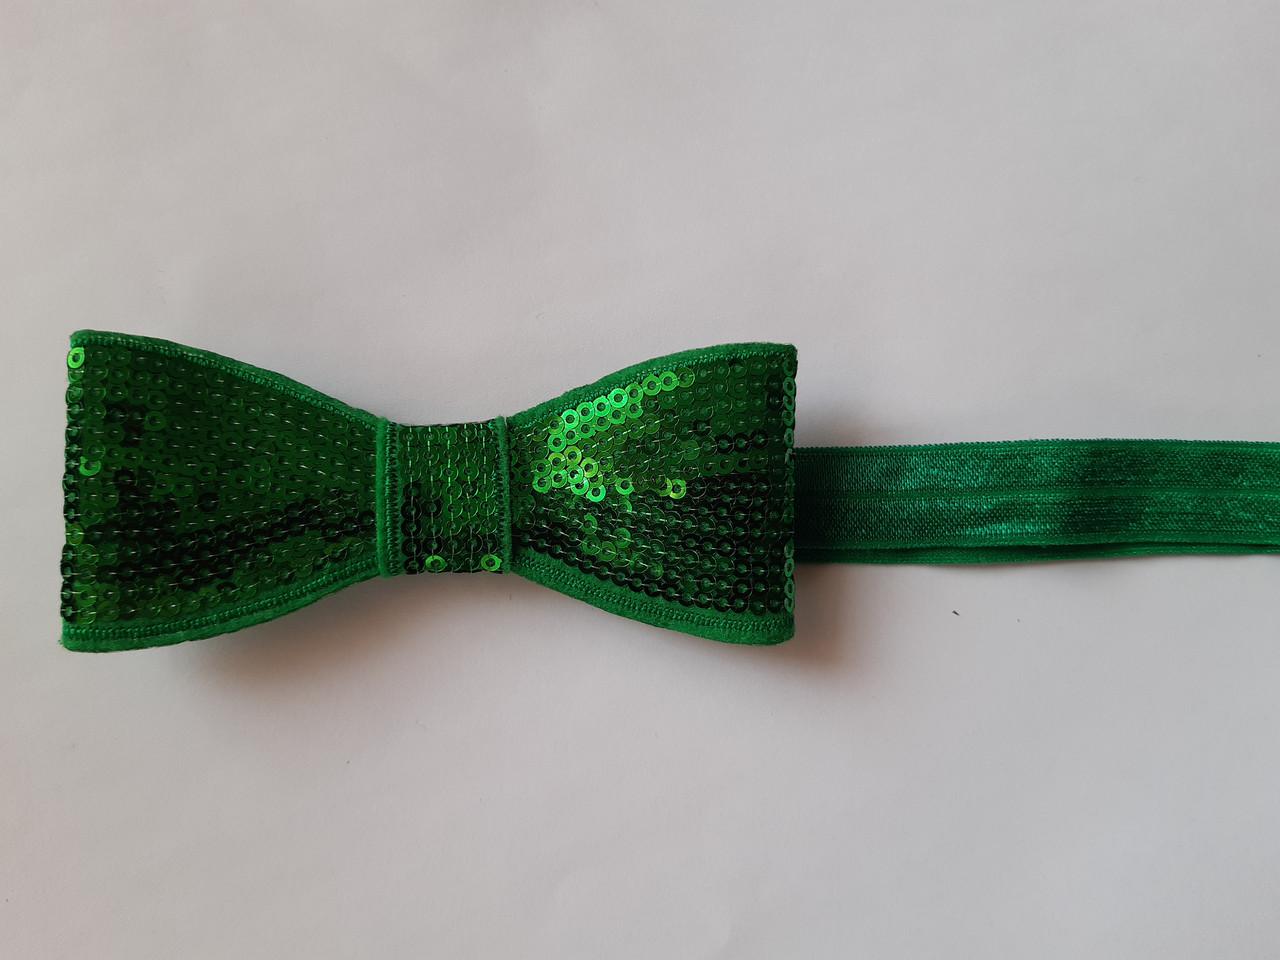 Повязка детская зеленая с пайетками - бант около 10см, окружность 36-48см